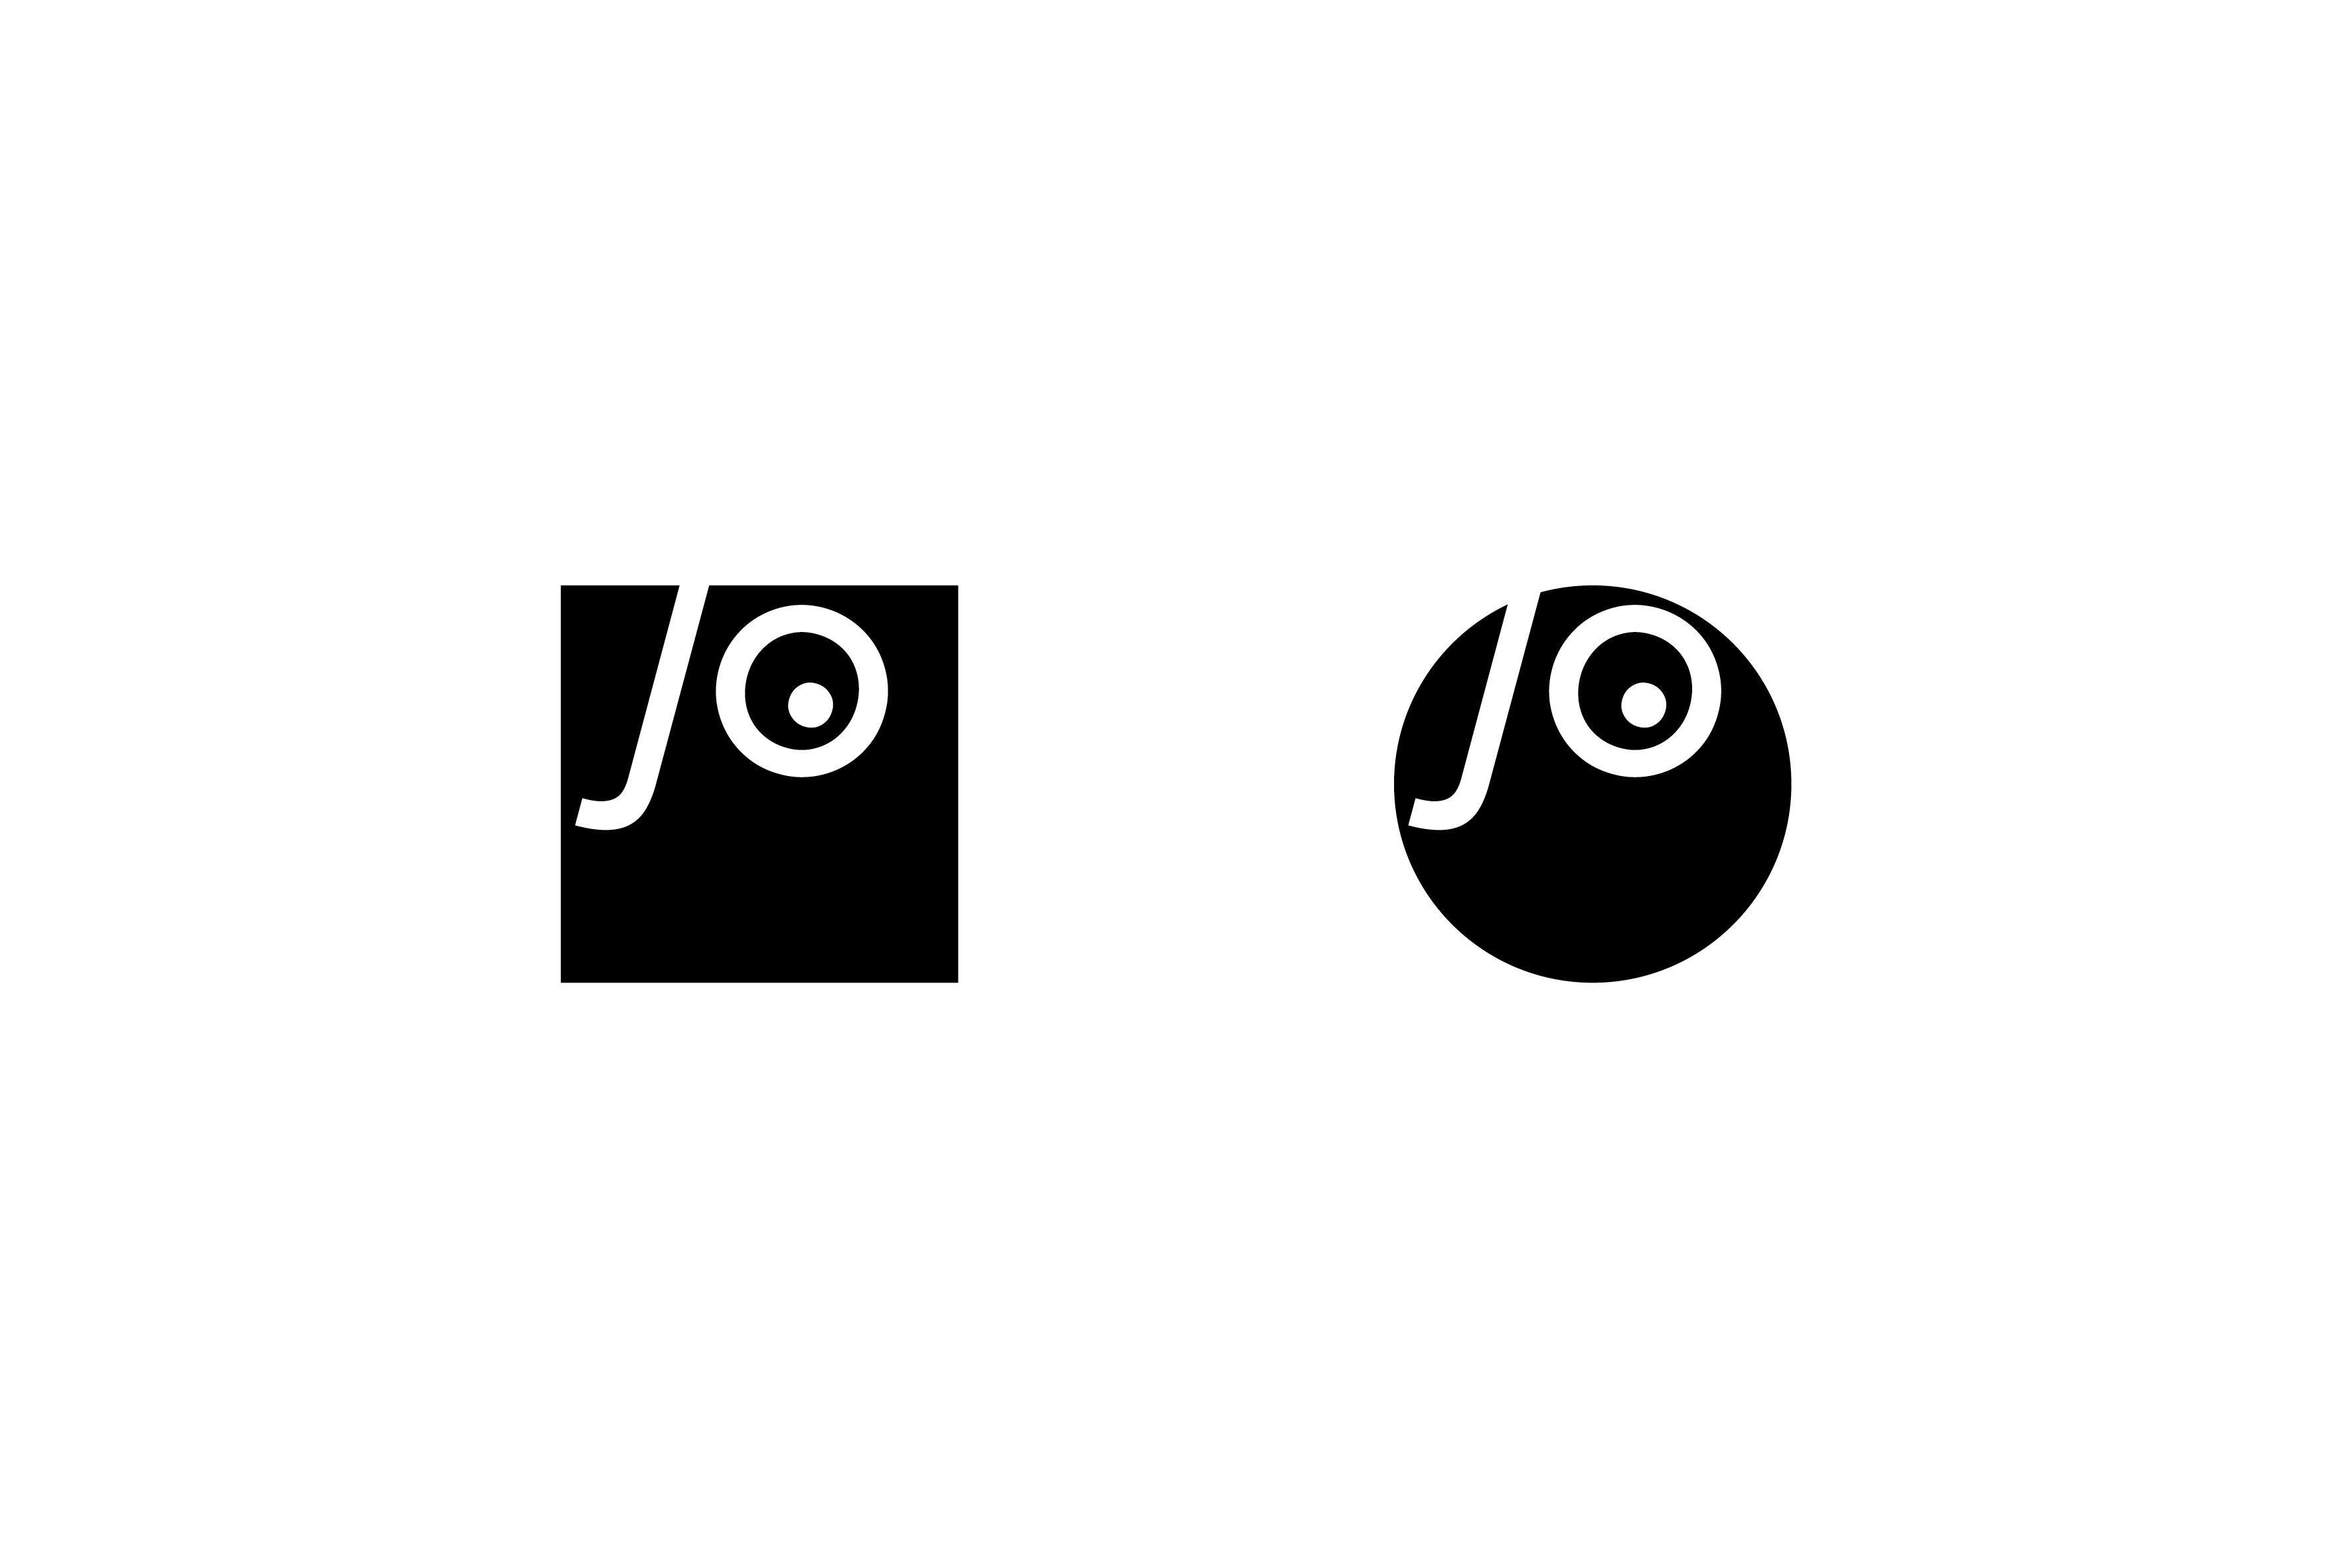 pjolter_visuals3